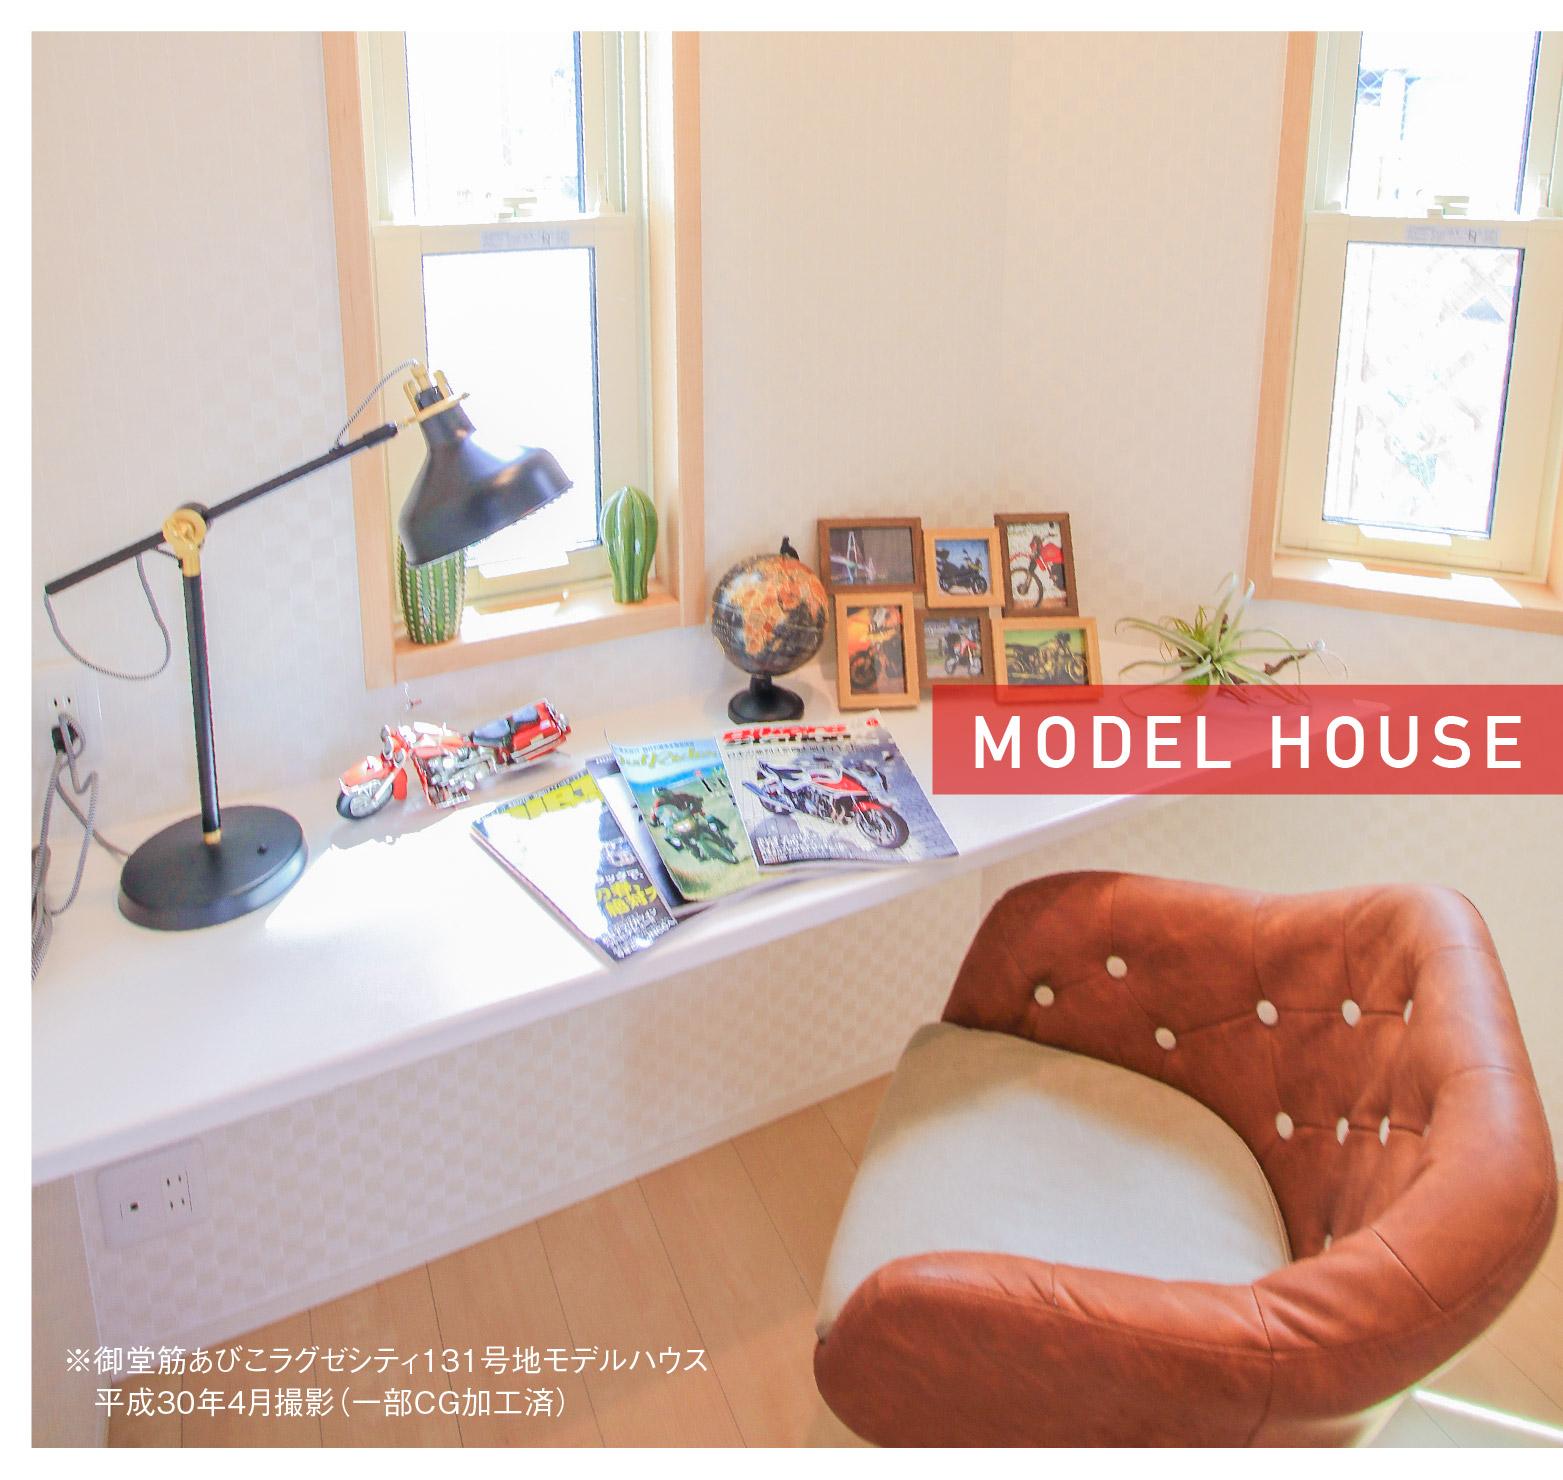 【御堂筋あびこラグゼシティ】MODEL HOUSE